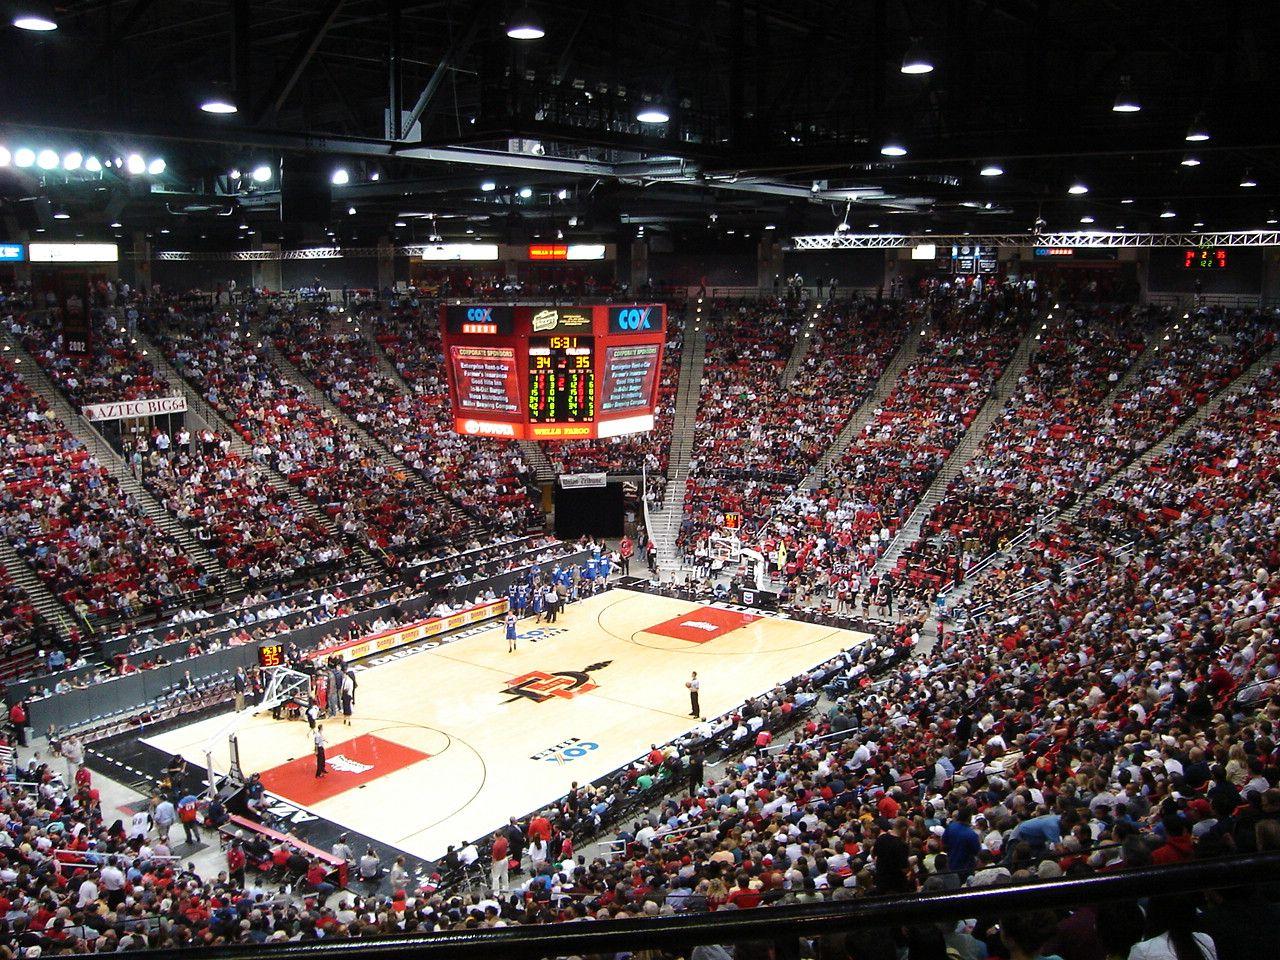 Viejas Arena San Diego State Aztecs Louisville Basketball Basketball San Diego Basketball